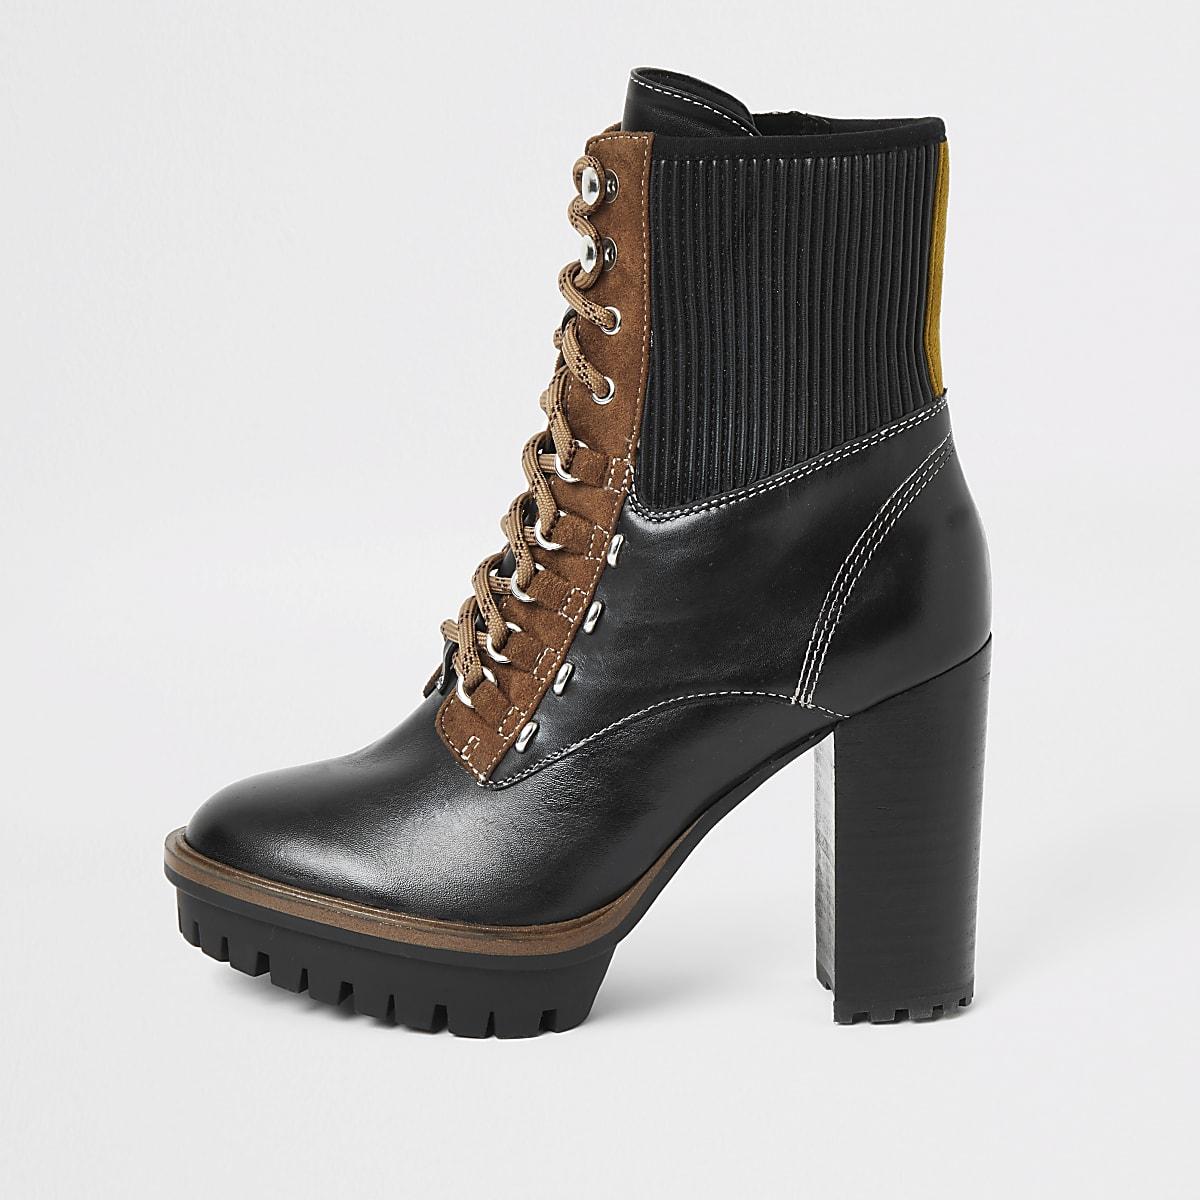 Zwarte wandelschoenen met hak en veters